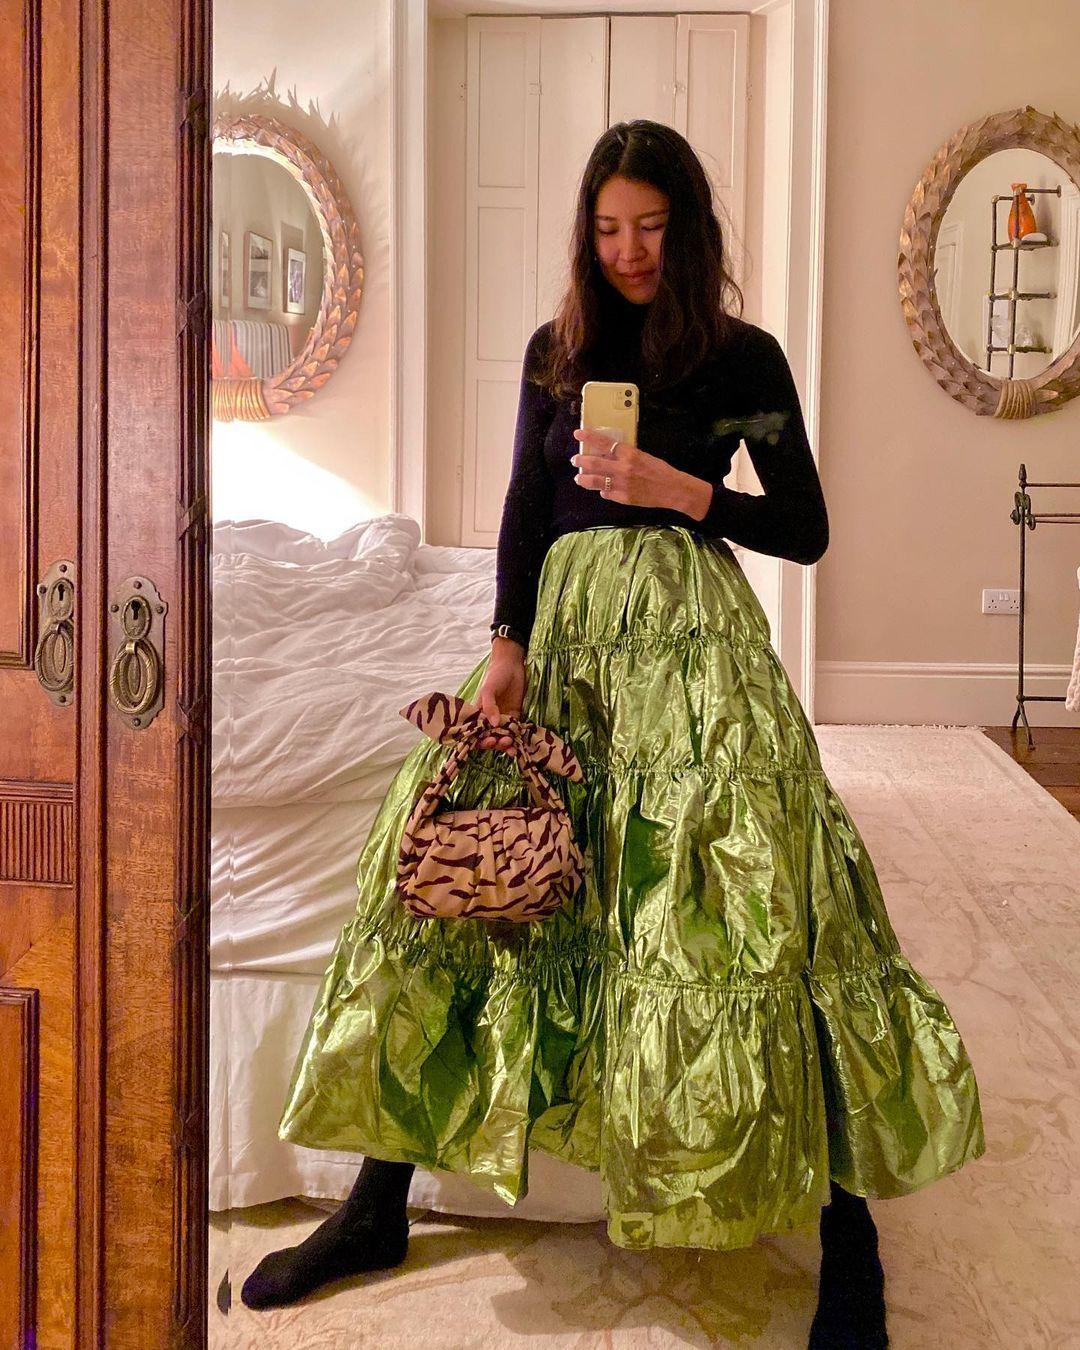 Реджина Пио создала коллаборацию с & Other Stories. Читайте интервью Vogue с основательницей марки Rejina Pyo